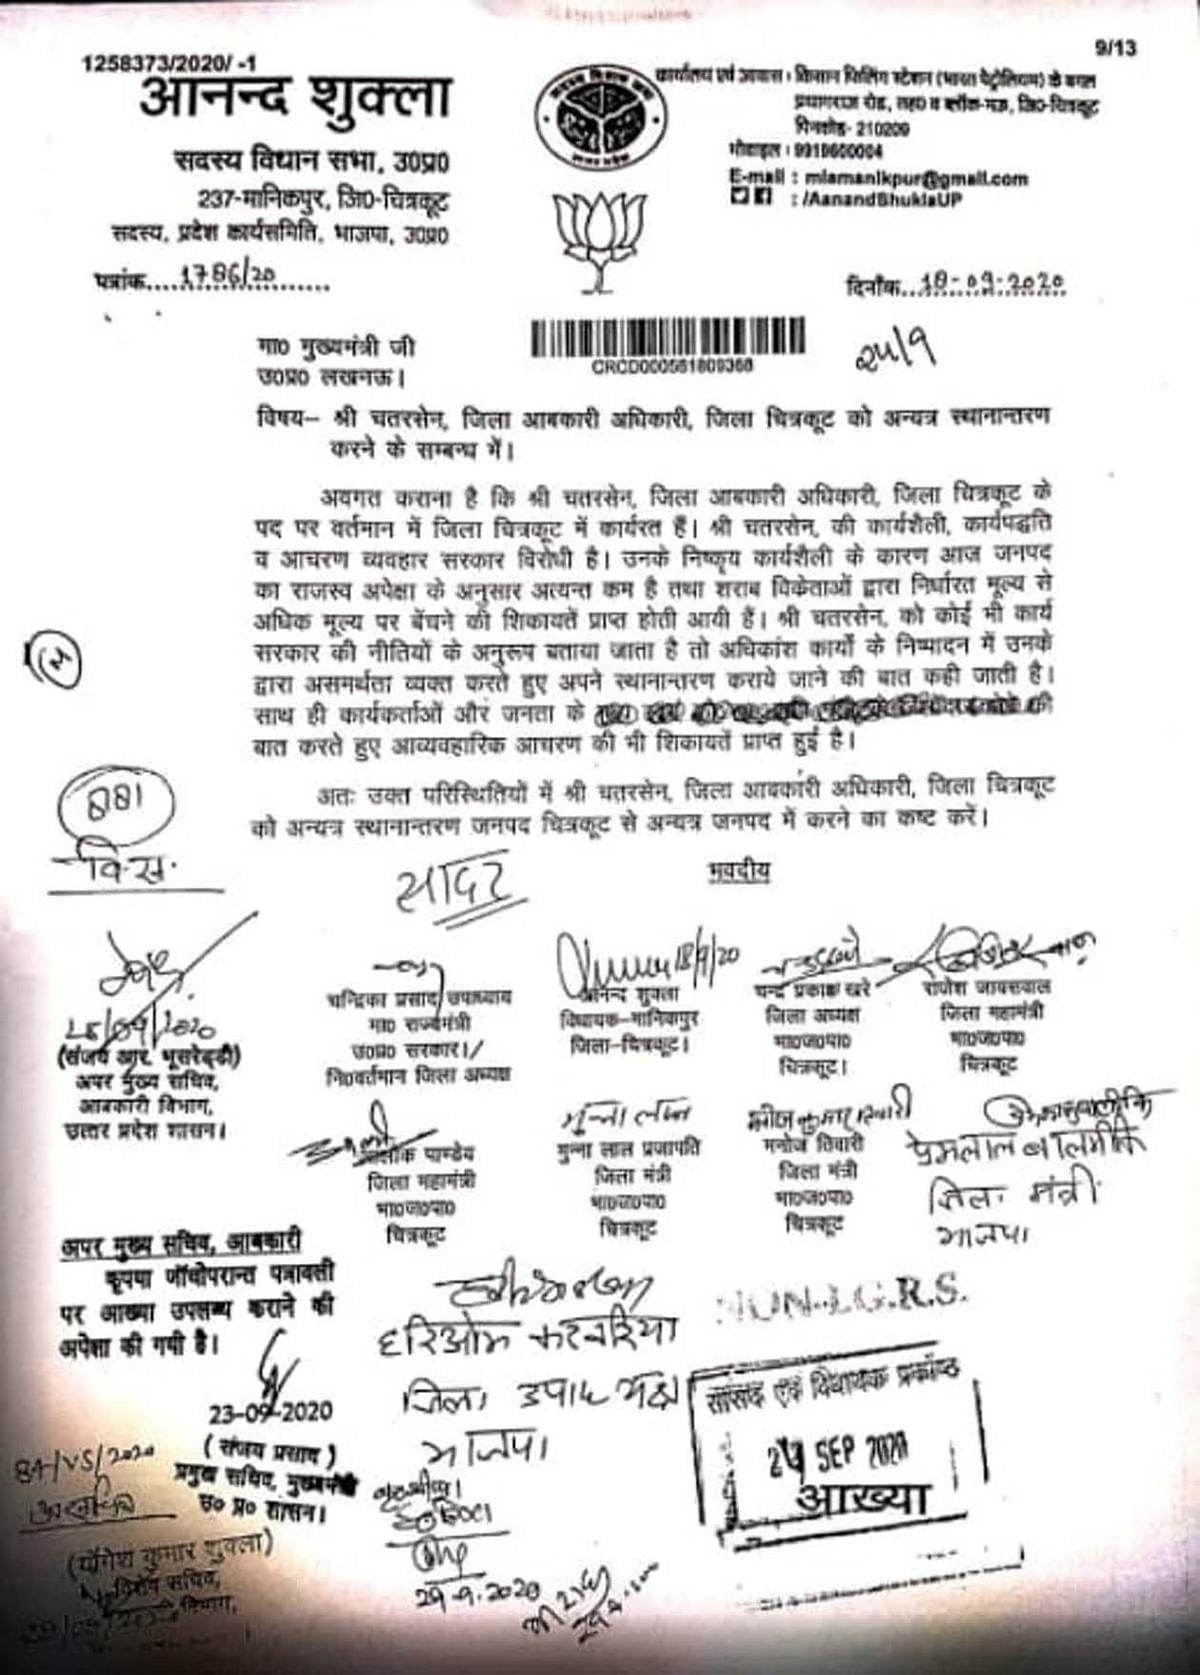 चित्रकूट जहरीली शराब कांड : भाजपा विधायक को थी आशंका, जिला आबकारी को हटाने की कर चुके थे मांग